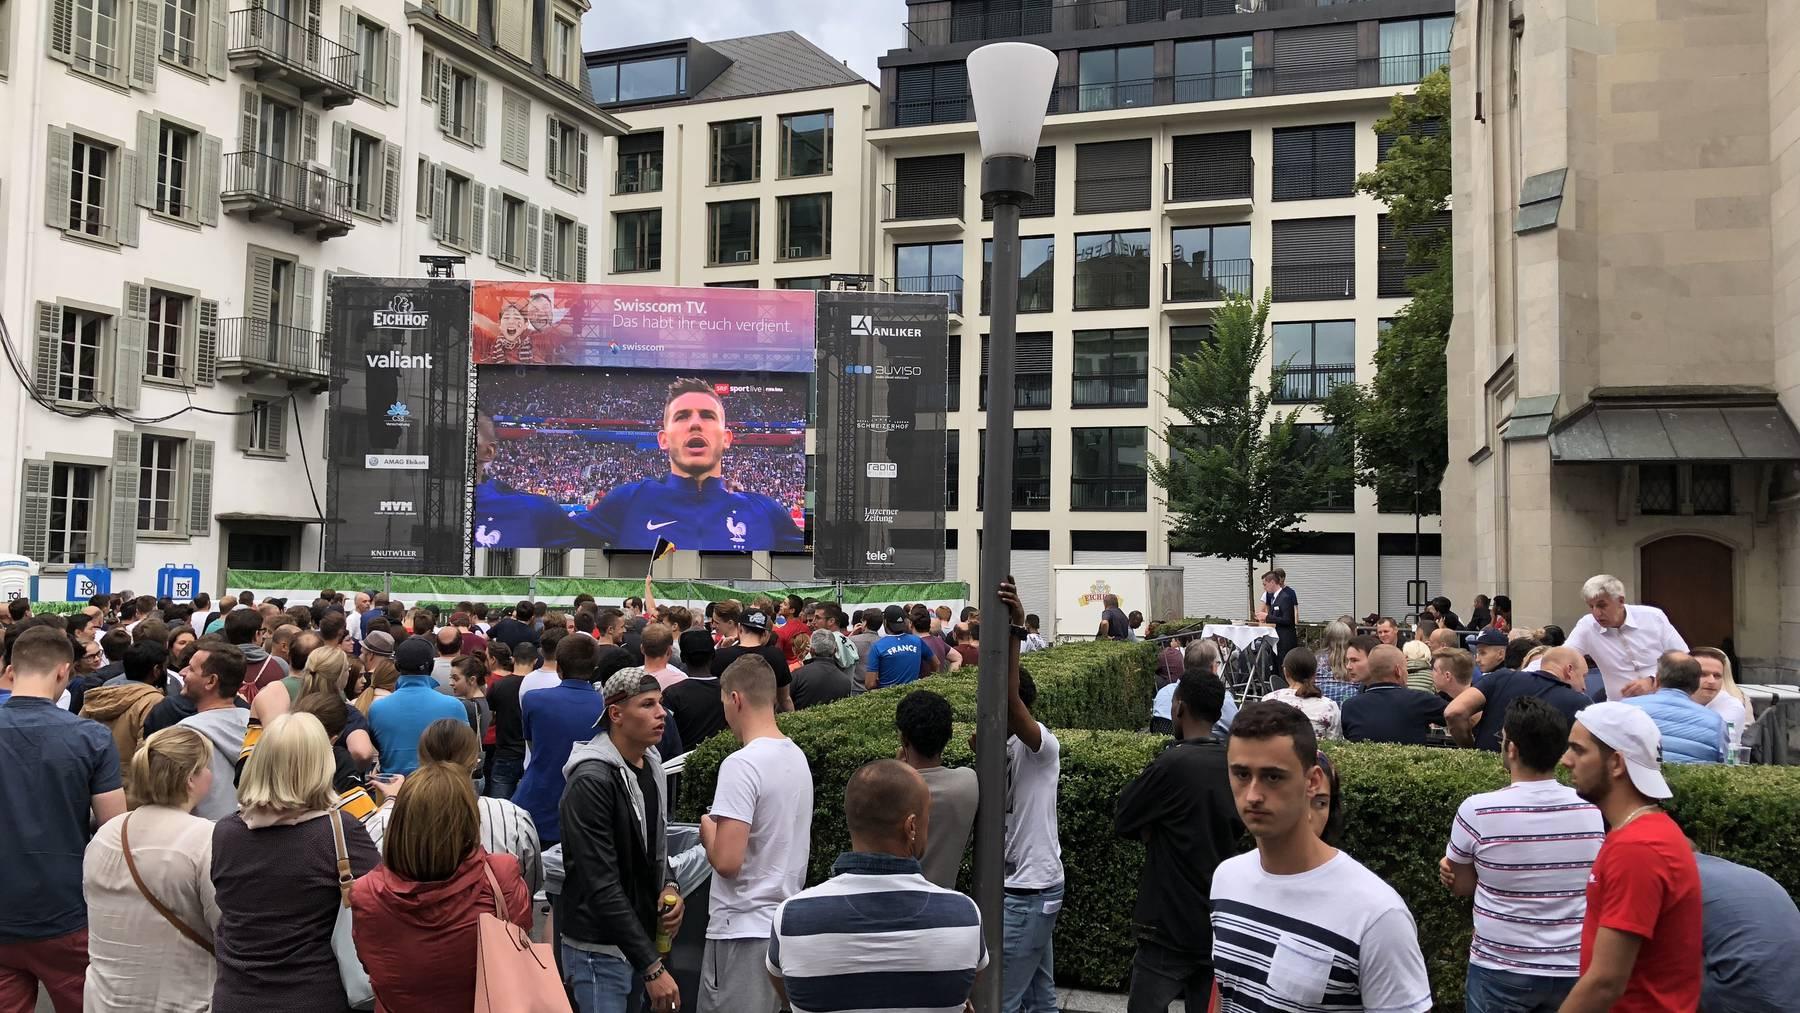 Frankreich steht im WM-Finale